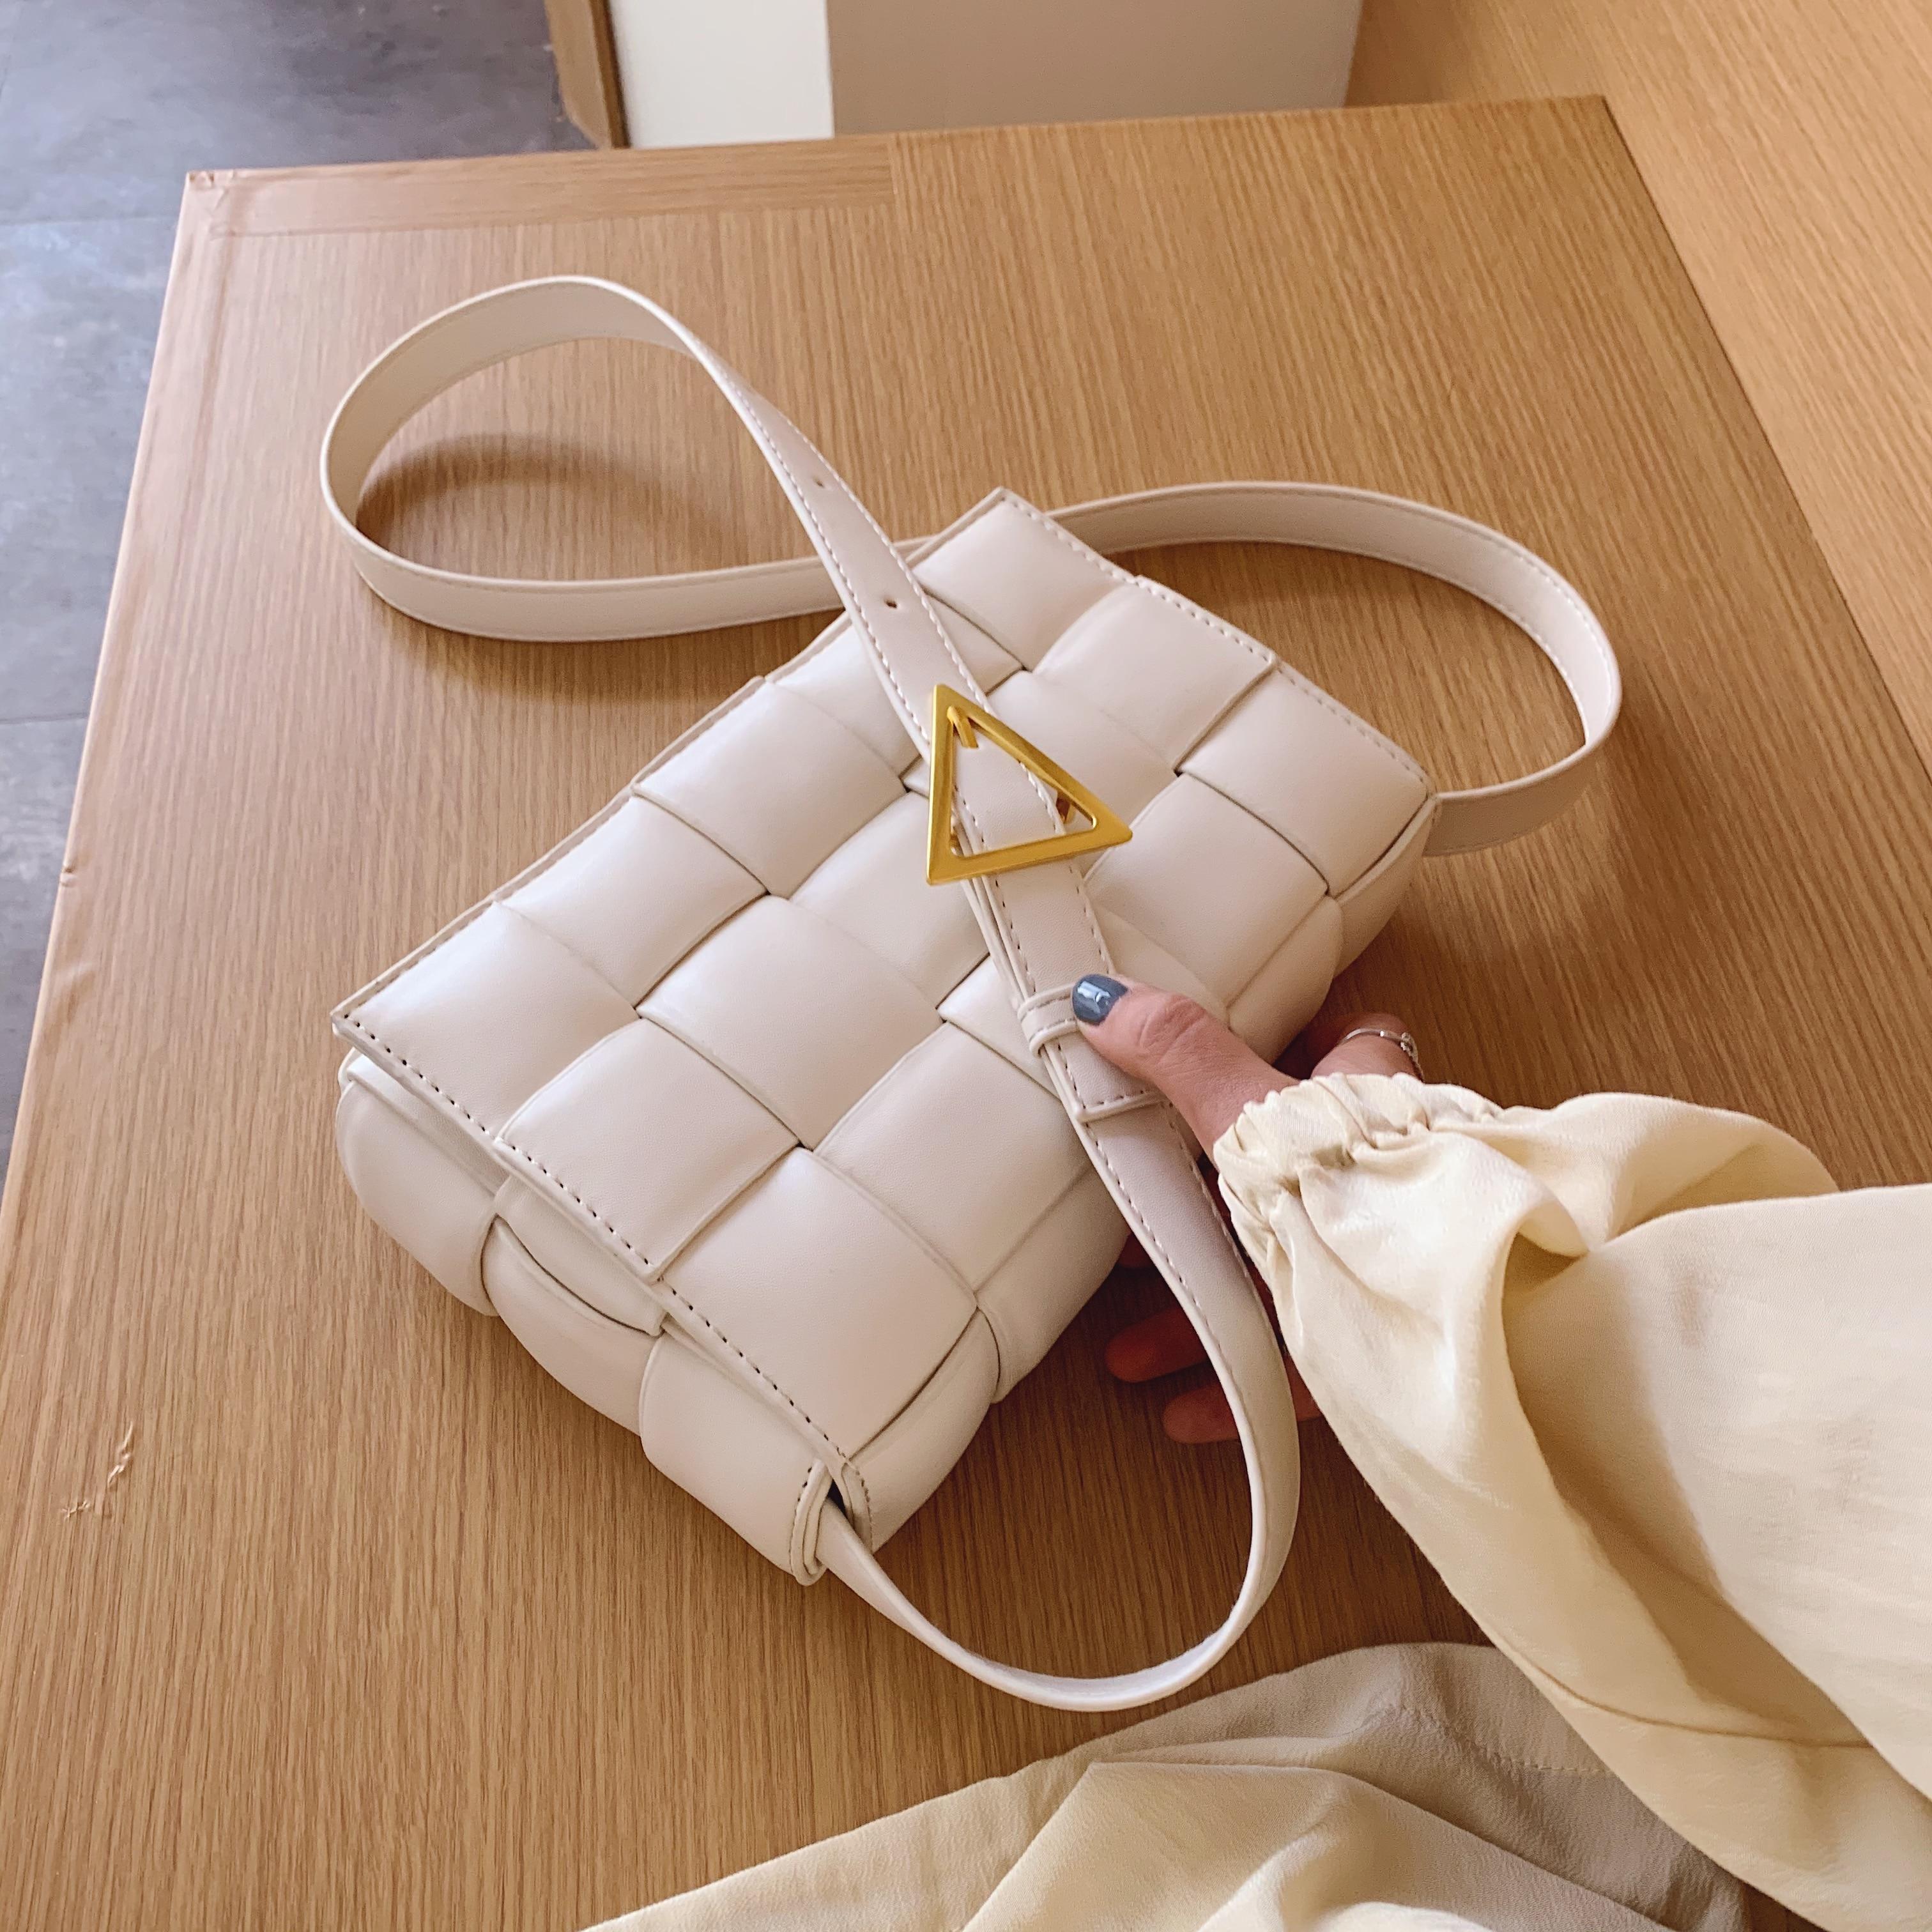 Женская сумка через плечо, плетеные Лоскутные сумки для женщин, 2020, новинка, хорошее качество, модная искусственная кожа, сумка через плечо, женская сумка|Сумки с ручками|   | АлиЭкспресс